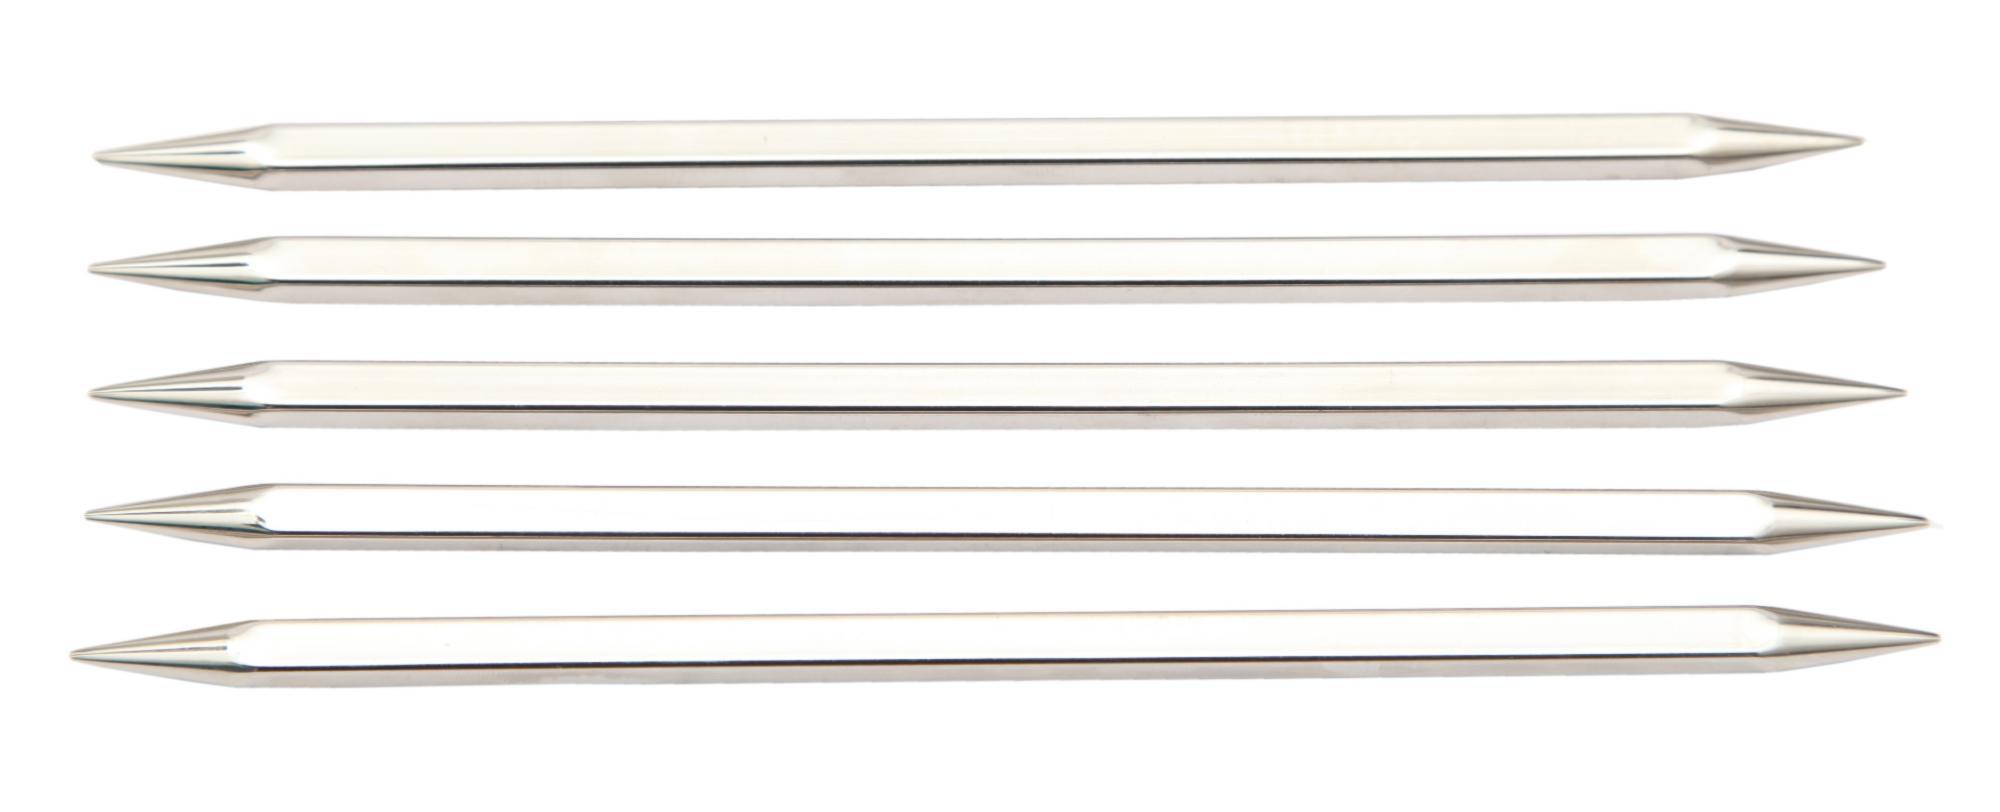 Спицы носочные 15 см Nova Cubics KnitPro, 12115, 7.00 мм